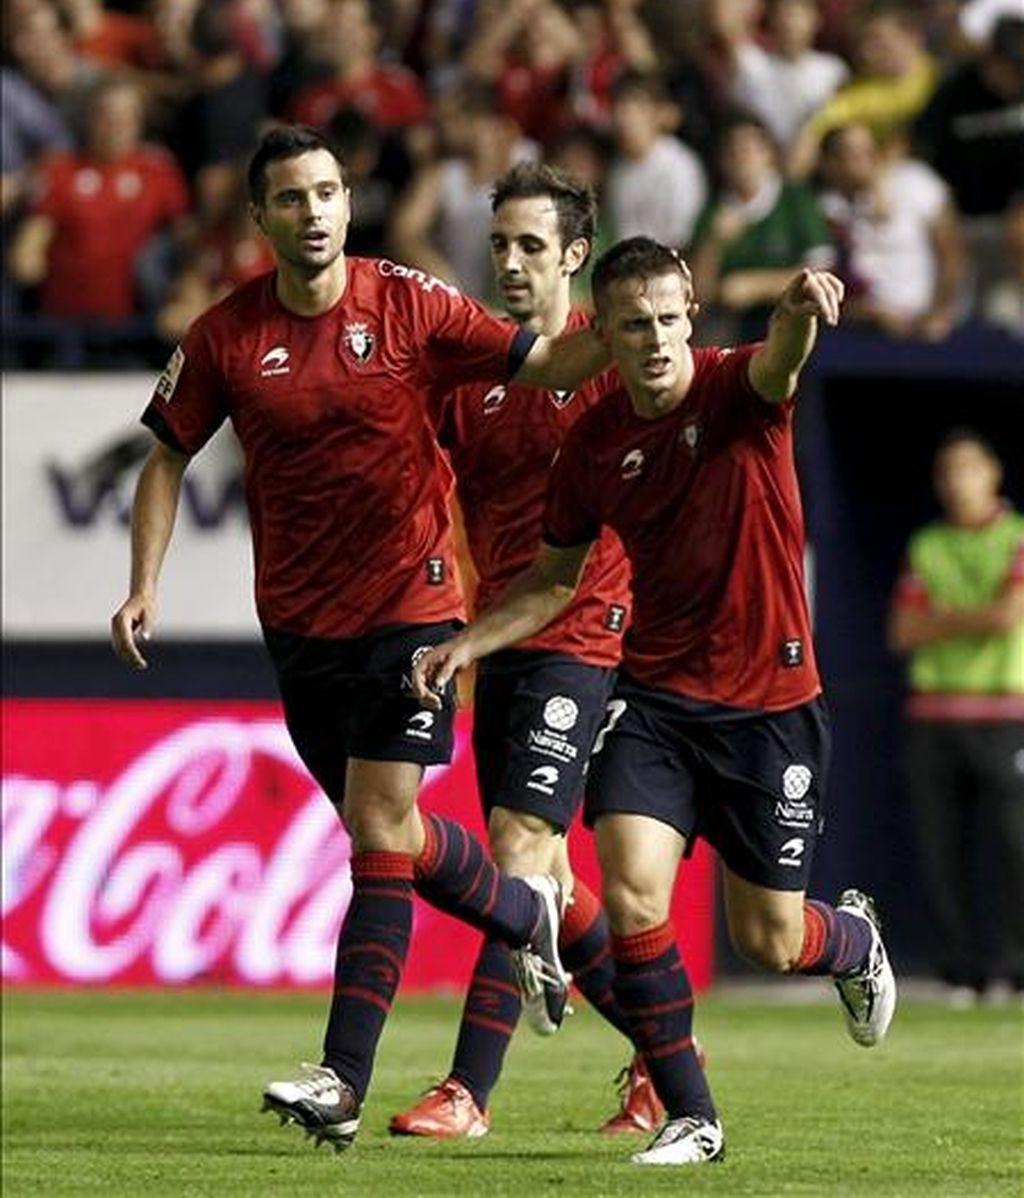 Los jugadores de Osasuna, (i-d), Flaño, Juanfran y Camuñas, celebran el segundo gol del equipo rojillo, durante el encuentro correspondiente a la cuarta jornada de primera división en el estadio Reyno de Navarra de Pamplona. EFE